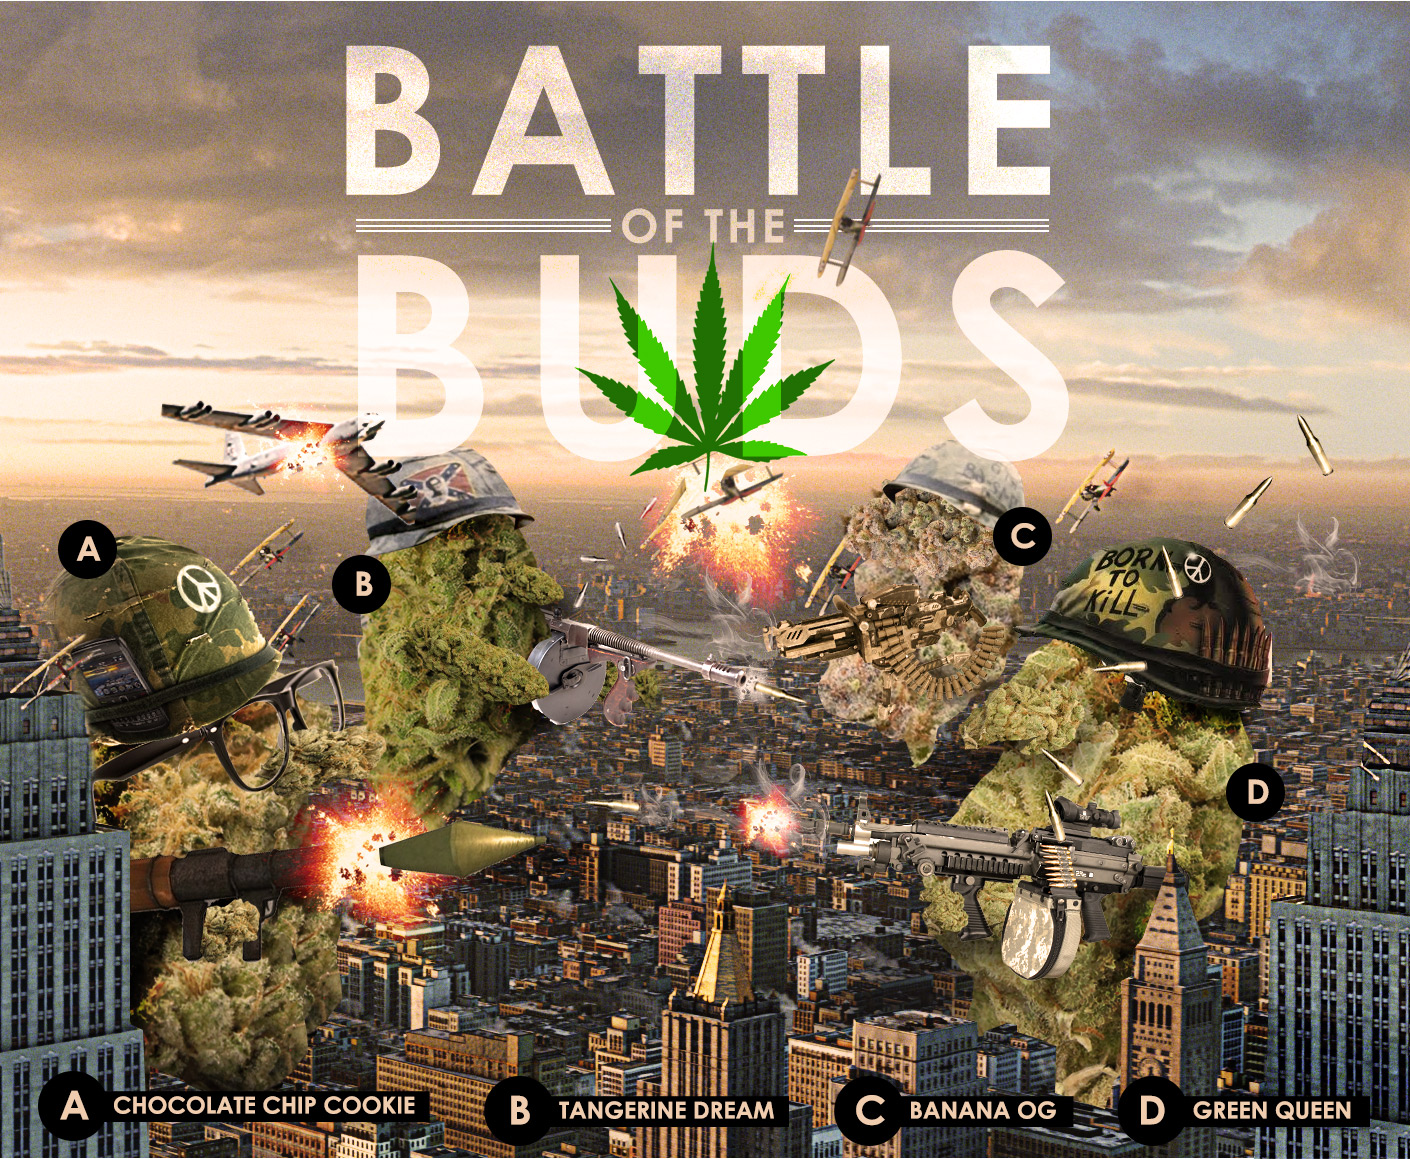 fav-weed-vote